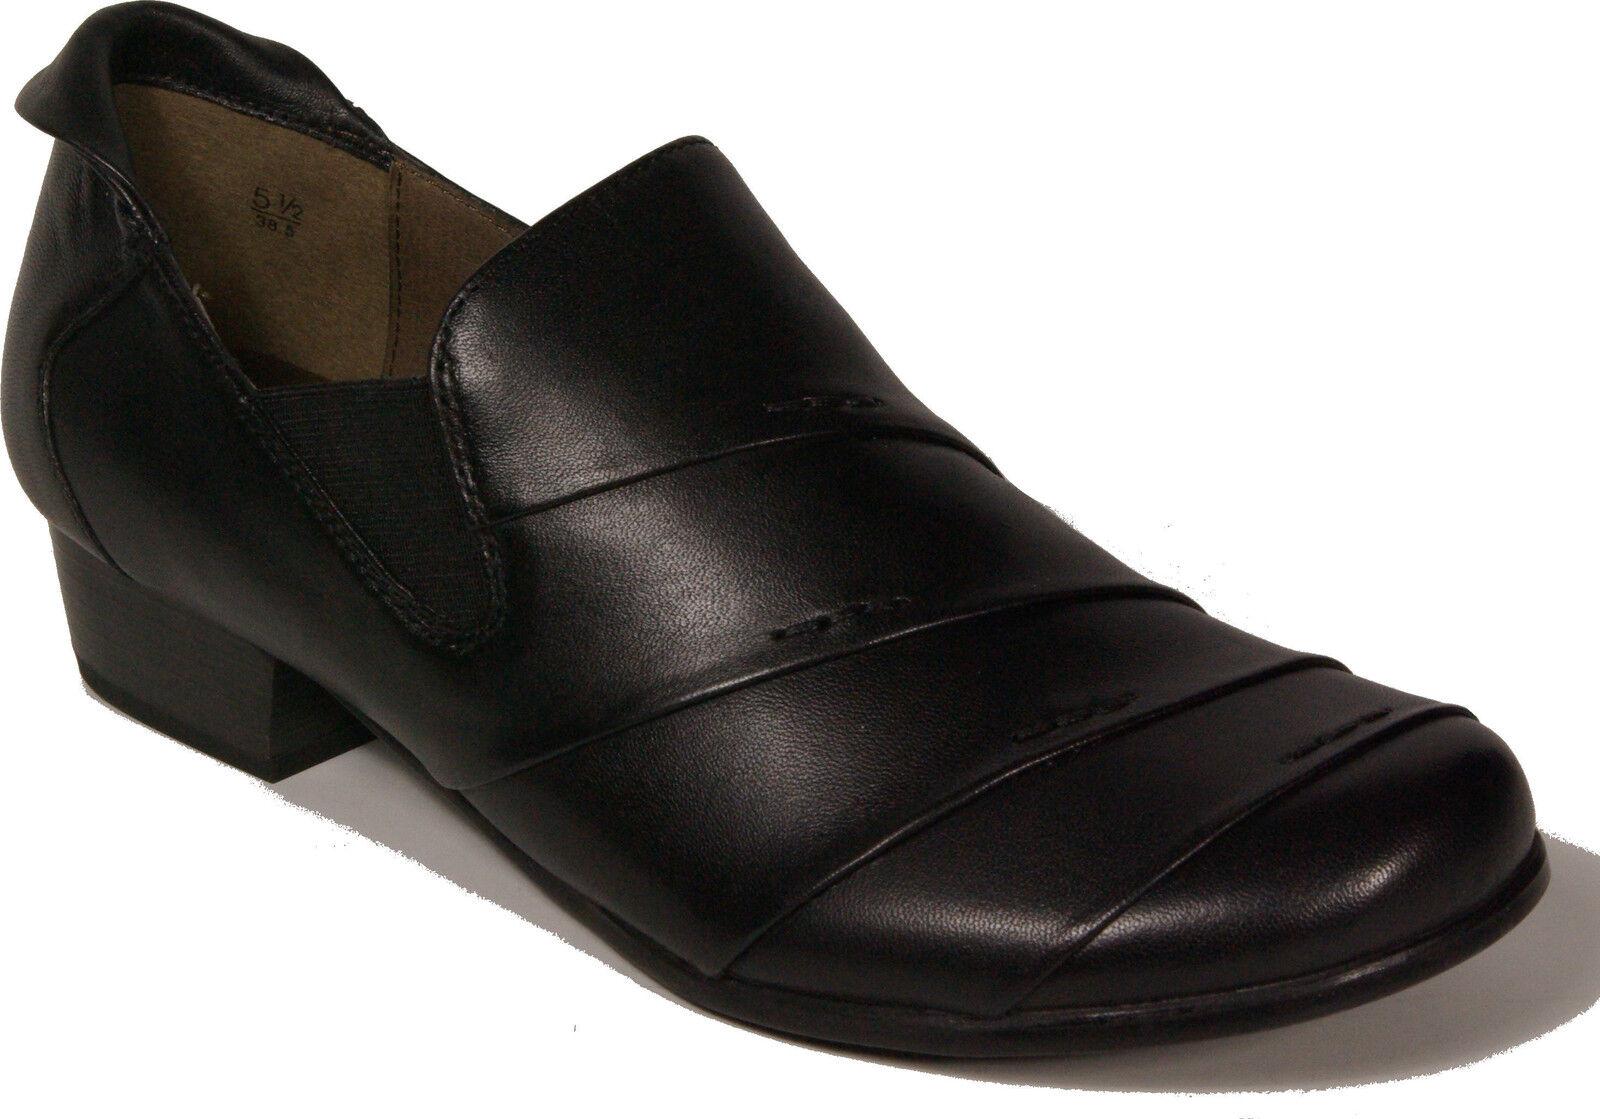 CAPRICE Schuhe Pumps Hochfront Schwarz echt Leder - laufen auf Luft - NEU